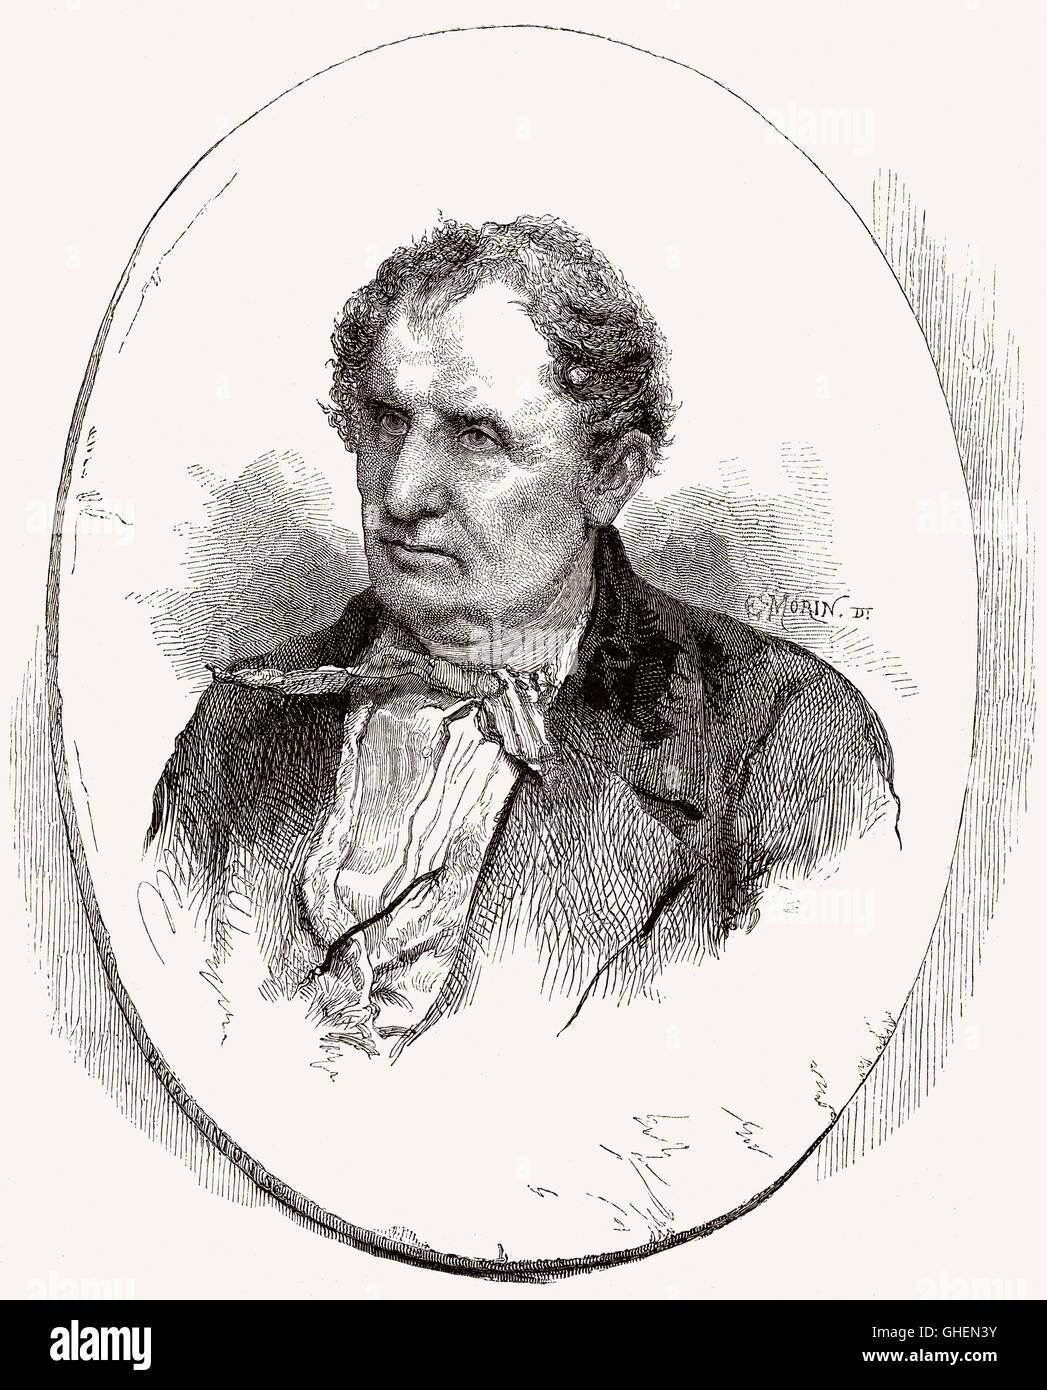 James Fenimore Cooper, 1789-1851, ein amerikanischer Schriftsteller der Romantik, Autor von The Lederstrumpf-Erzählungen Stockbild